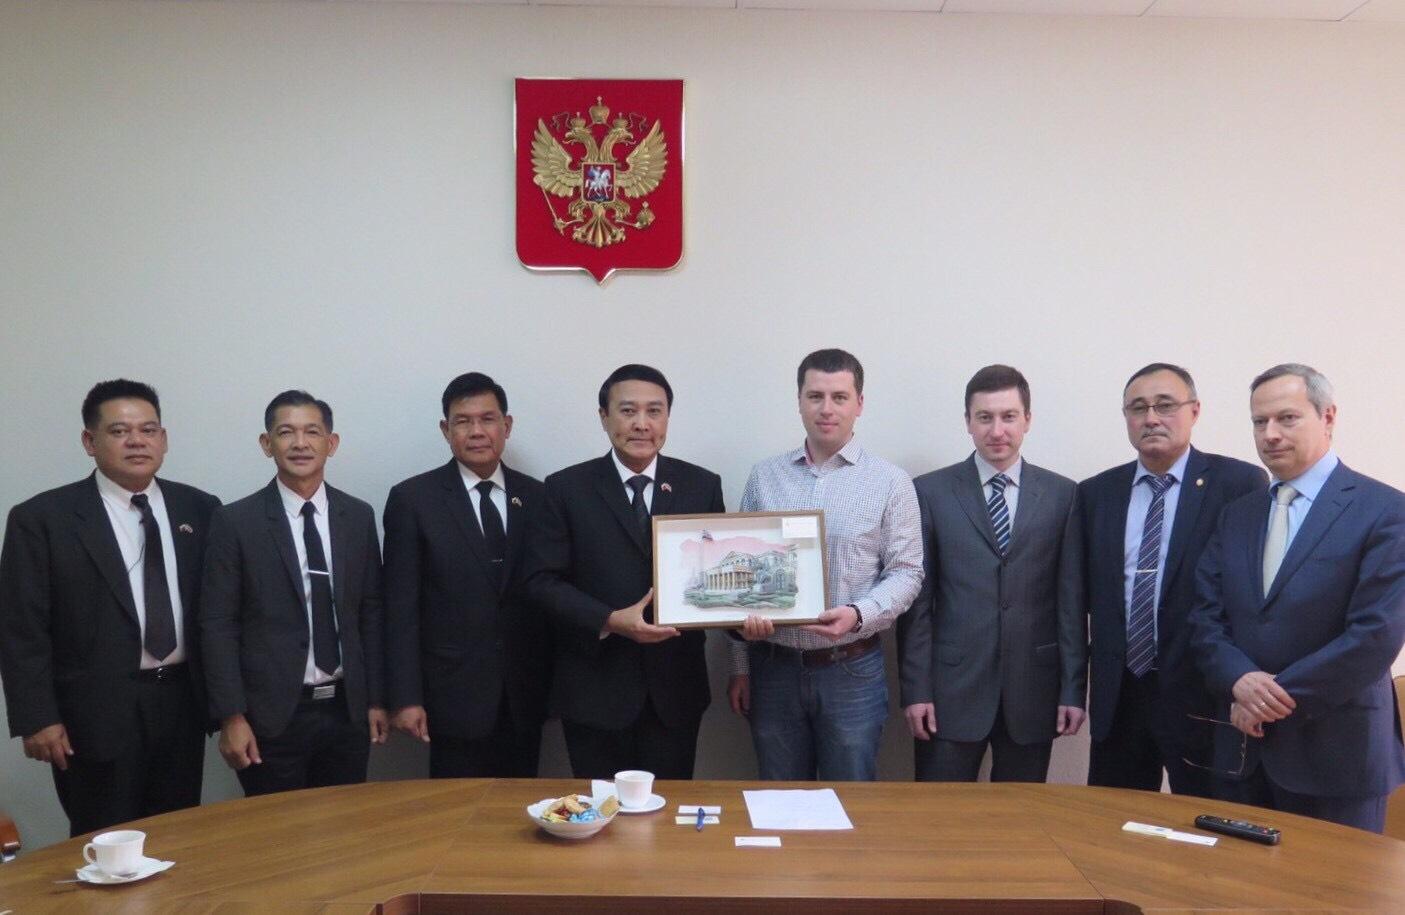 พล.อ. อุดมเดช สีตบุตร รมช.กห. เดินทางเข้าร่วมการประชุมด้านความมั่นคงระหว่างประเทศ Moscow International Security Conference (MISC) ครั้งที่ 6